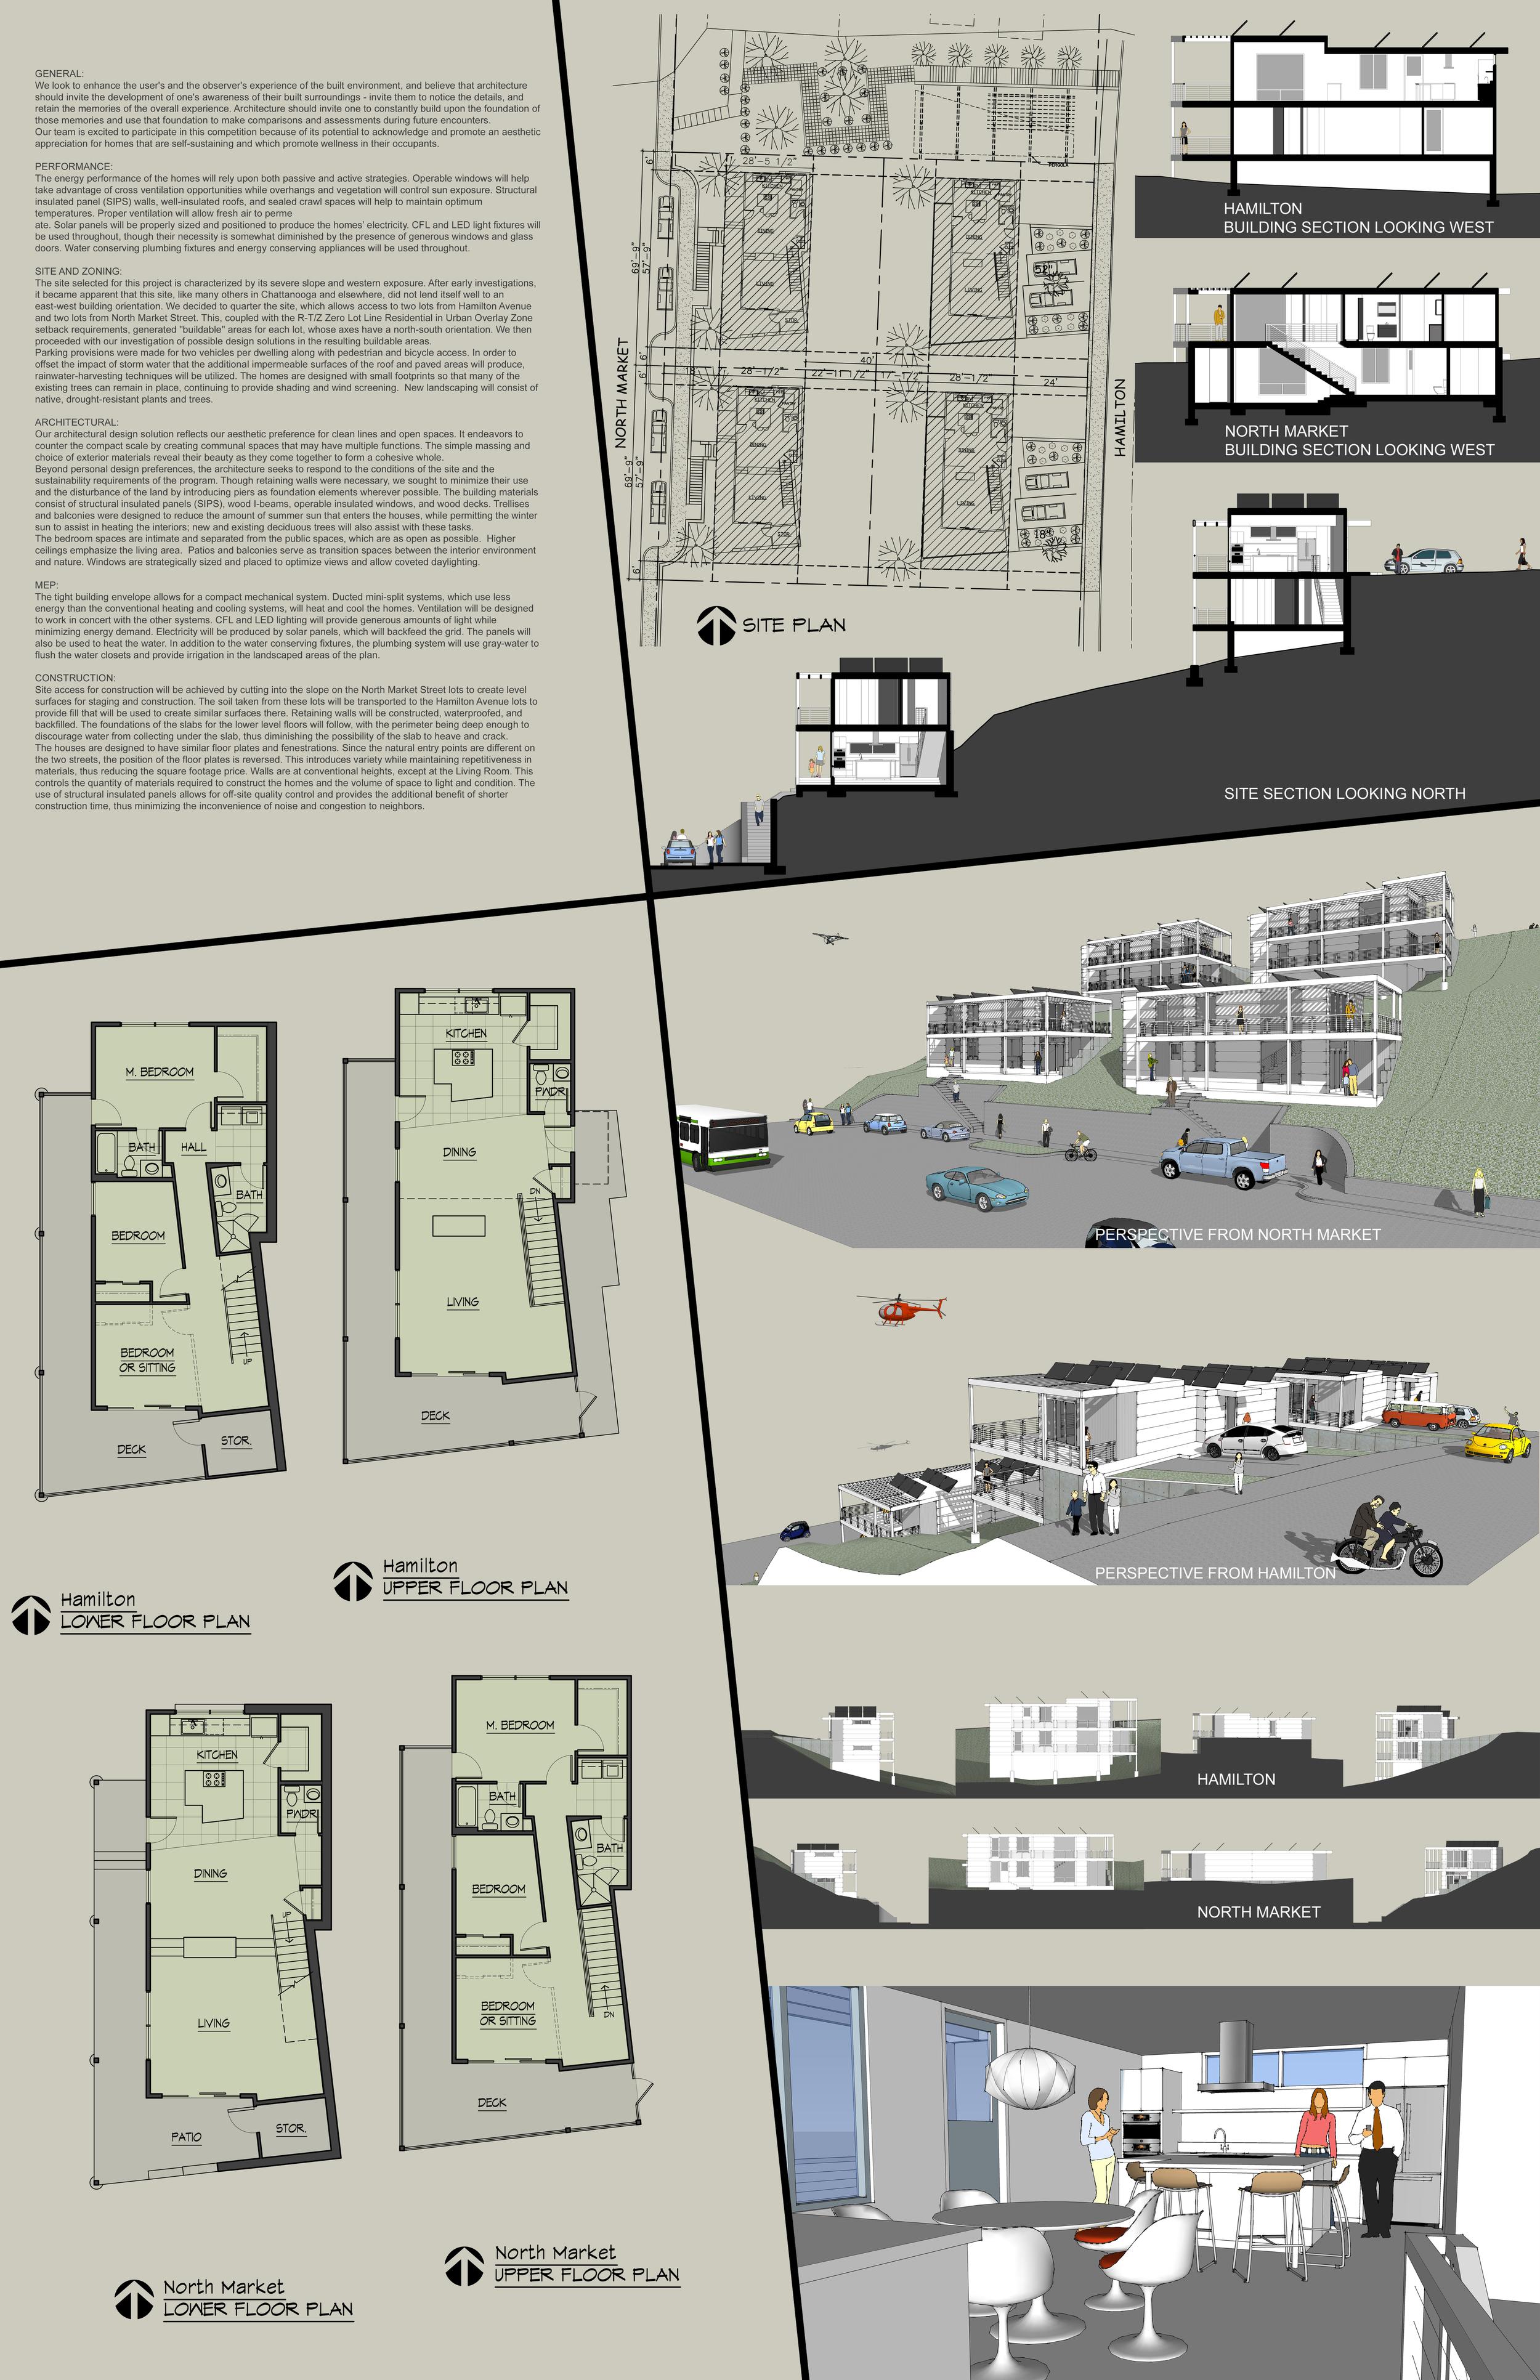 Mar-7 Architecture: Eldred Fletcher; Bird & Kamback Architects: Darryl Bird; Total Design: Steven Clanton; Lavish Building & Design: Jared Chastain